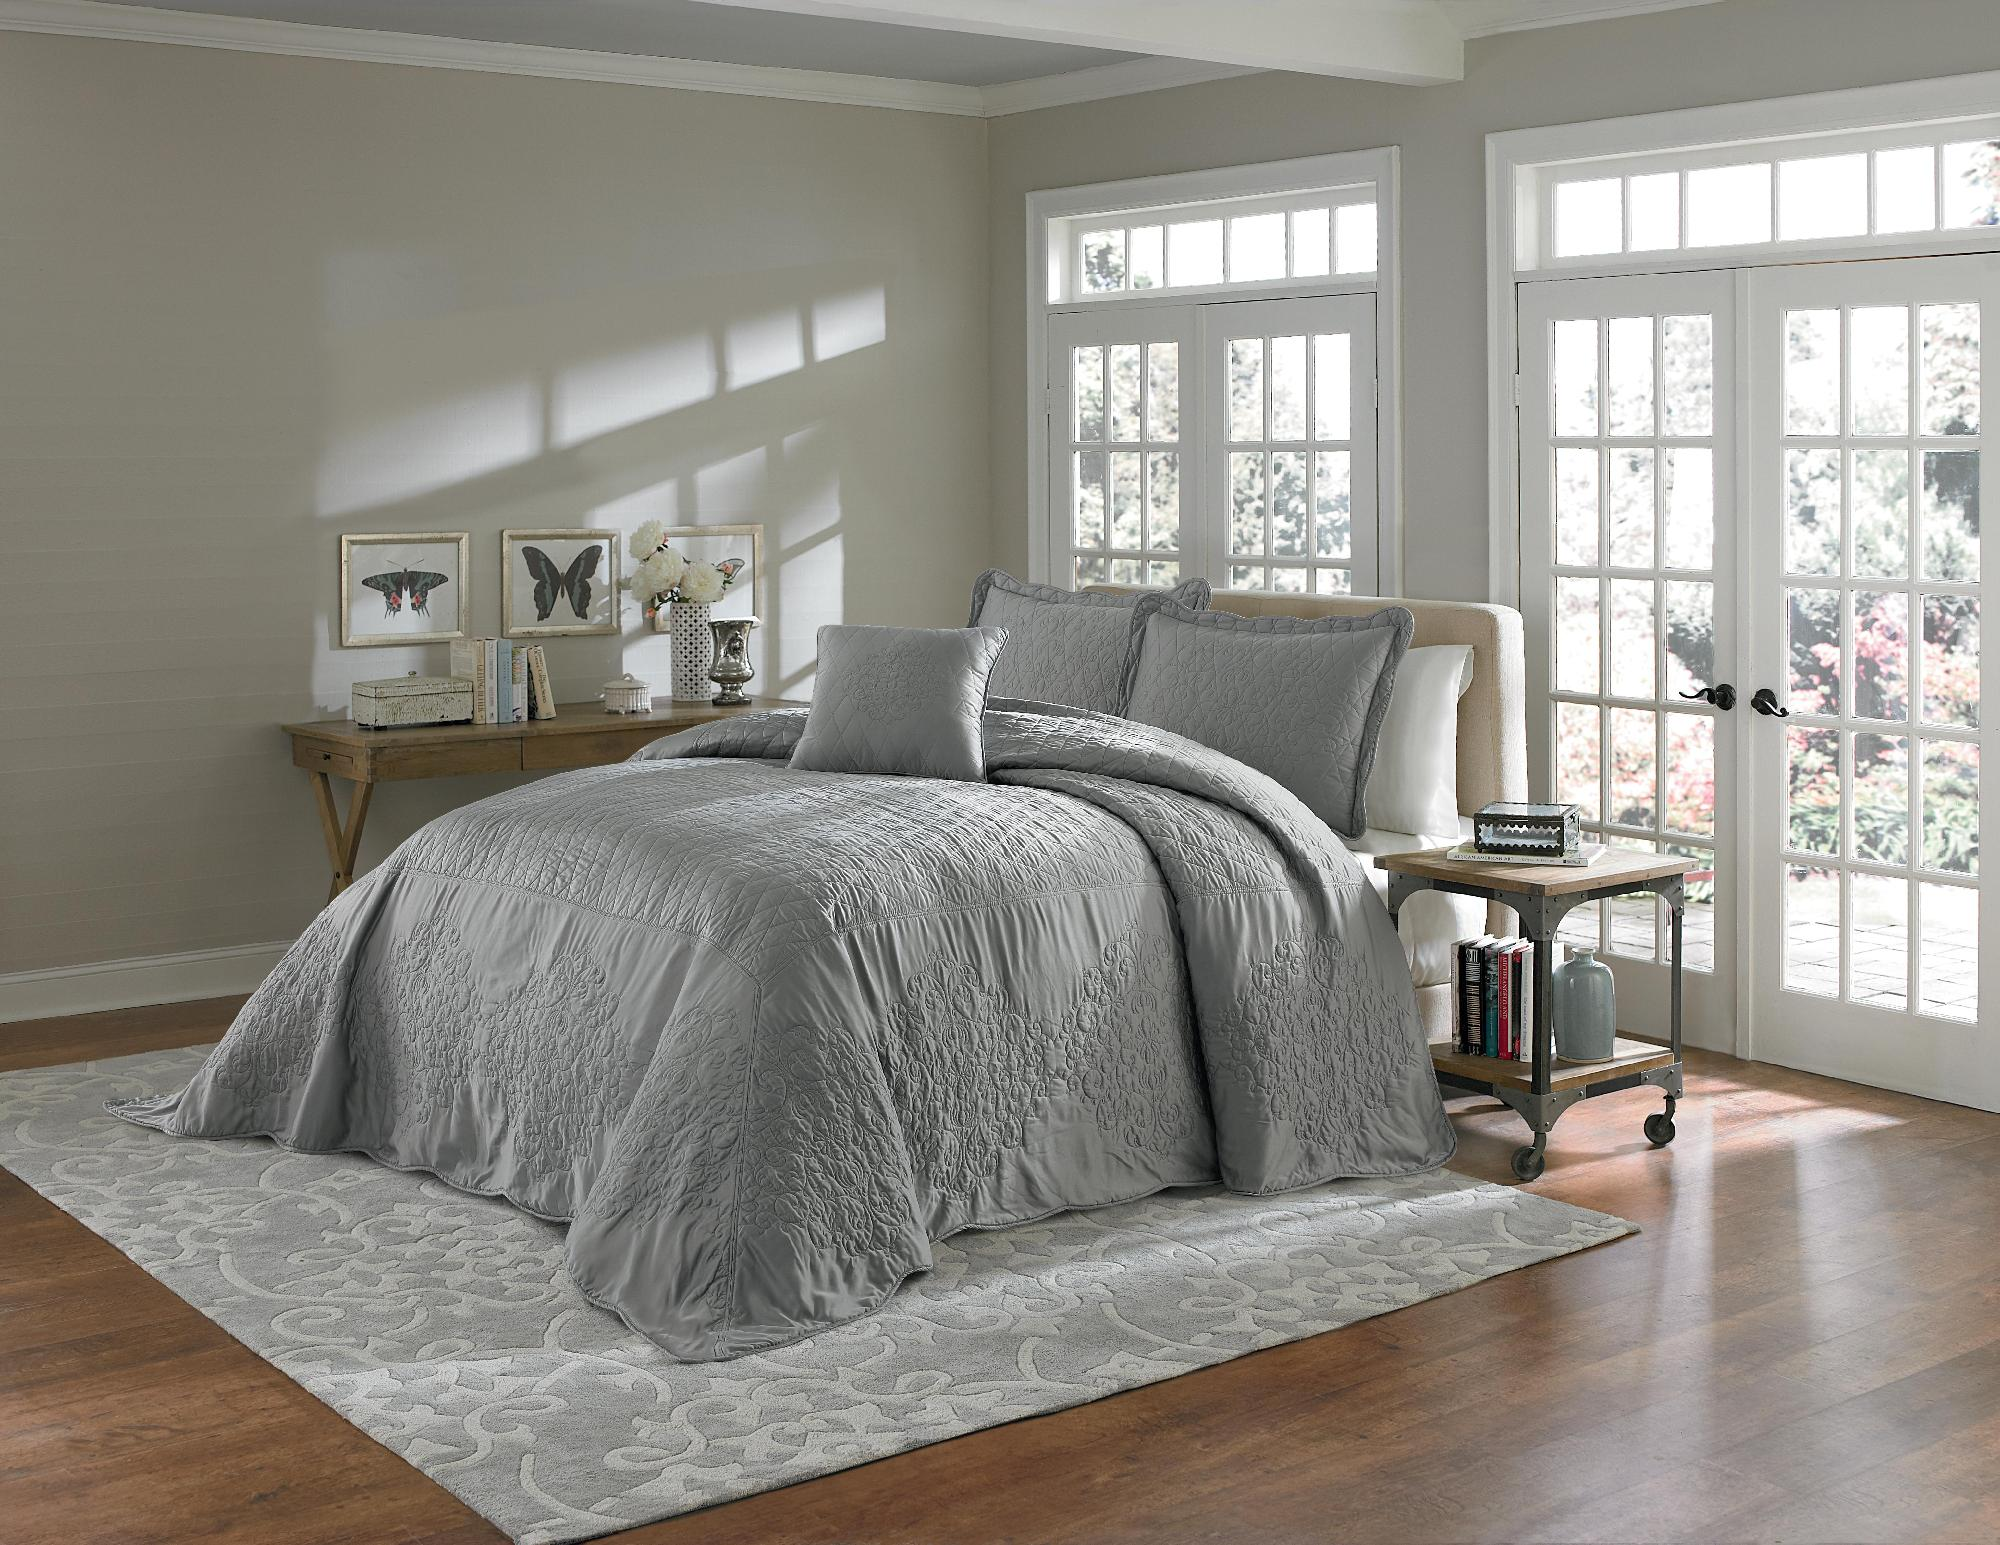 Cannon Gray Bedspread